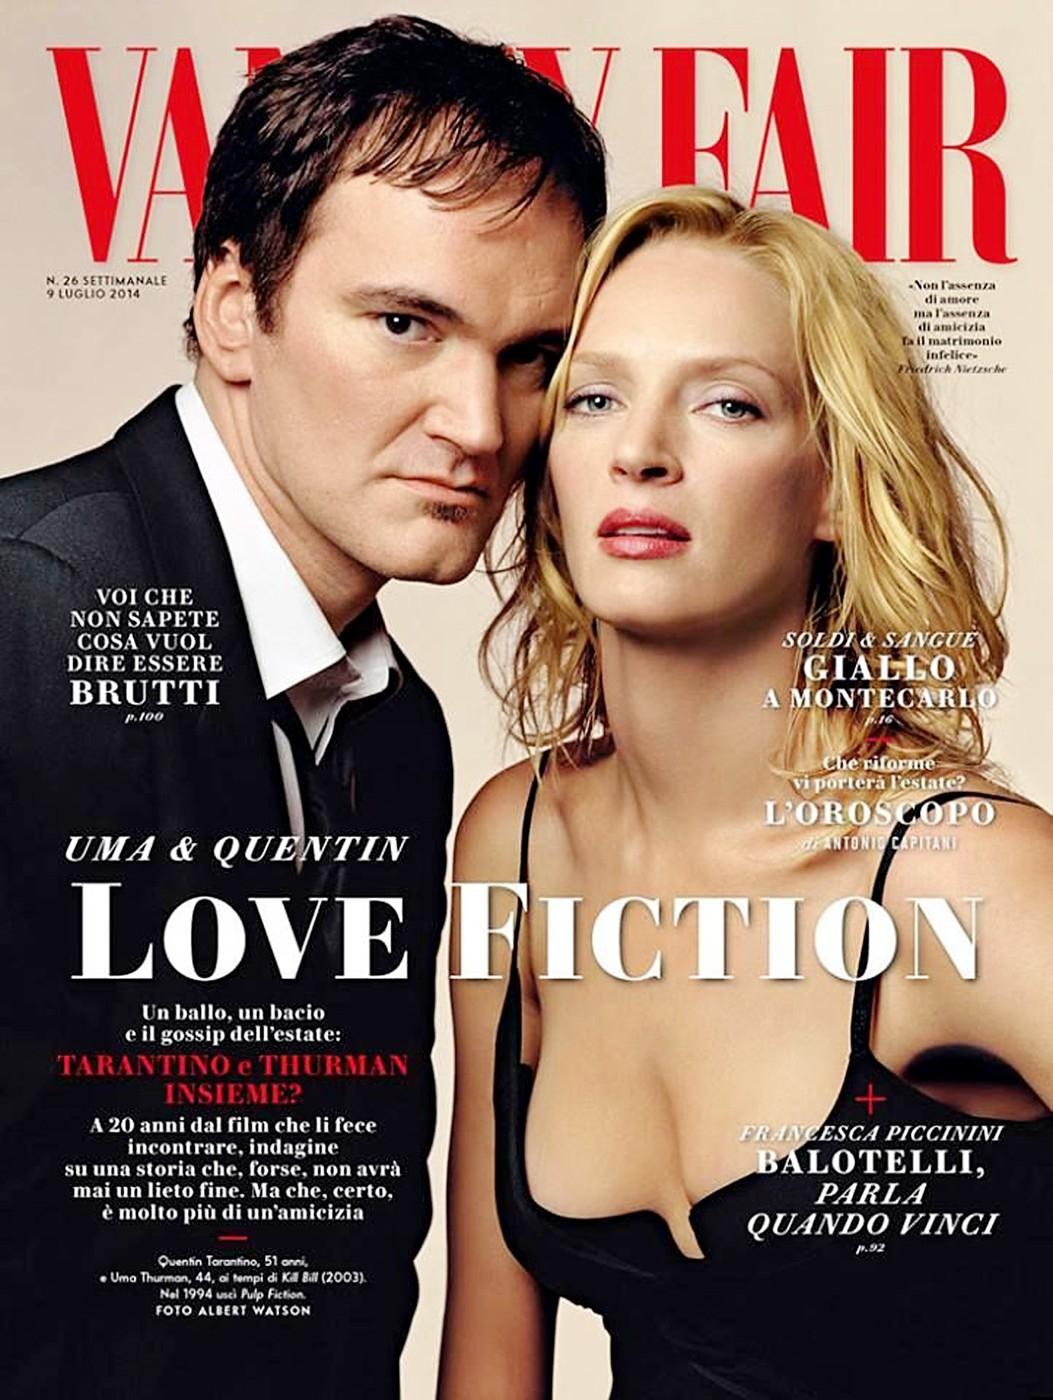 Uma Thurman and Quentin Tarantino in Vanity Fair Italy July'14.